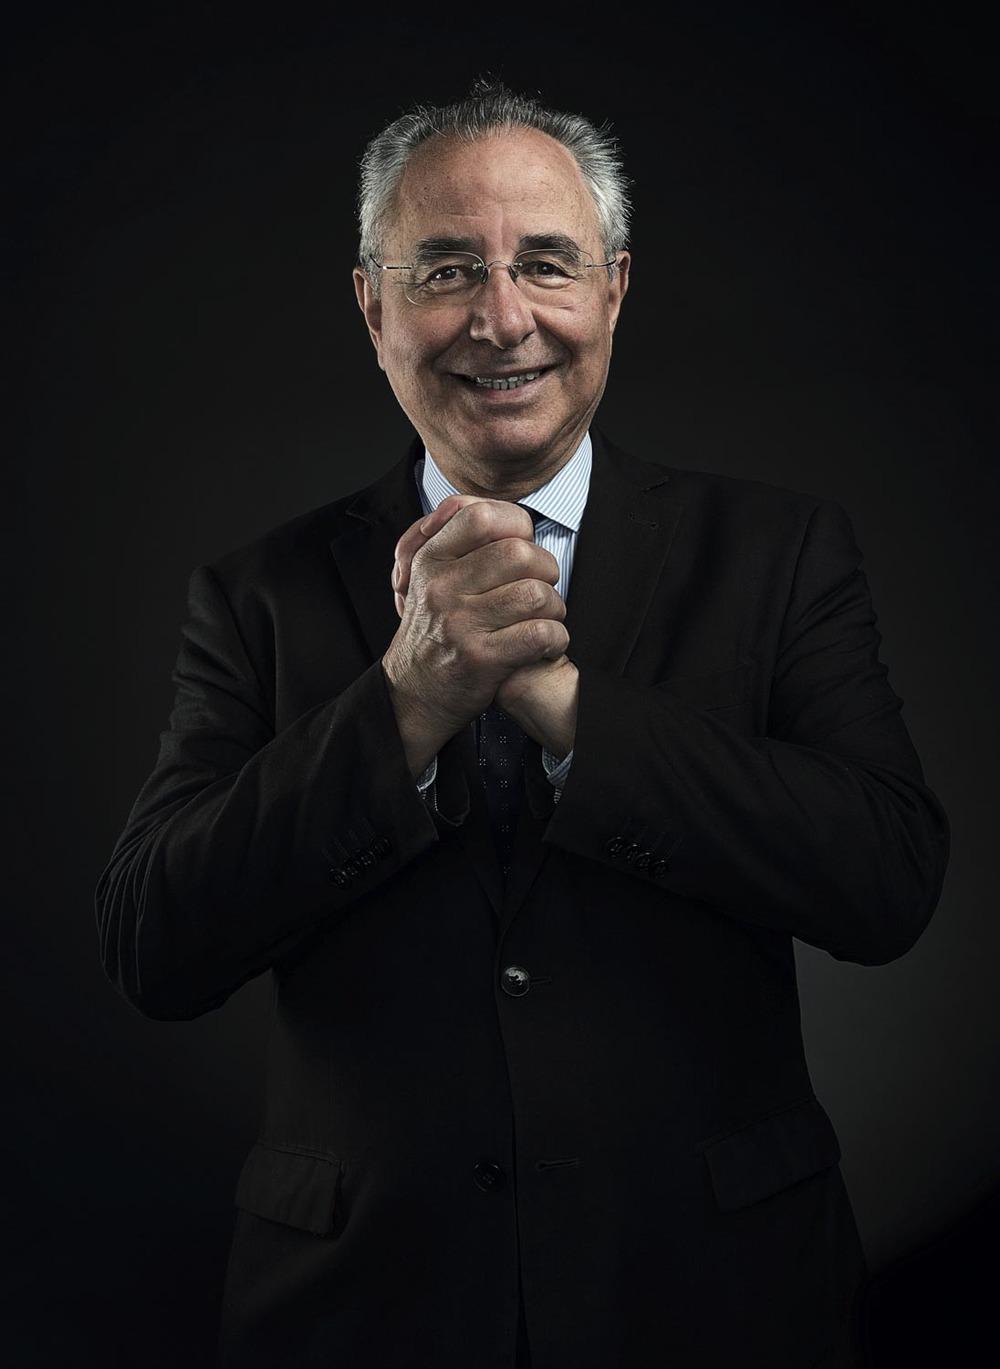 Rene Roudaut, Französischer Botschafter in der Schweiz, passend zur EM in Frankreich :-).